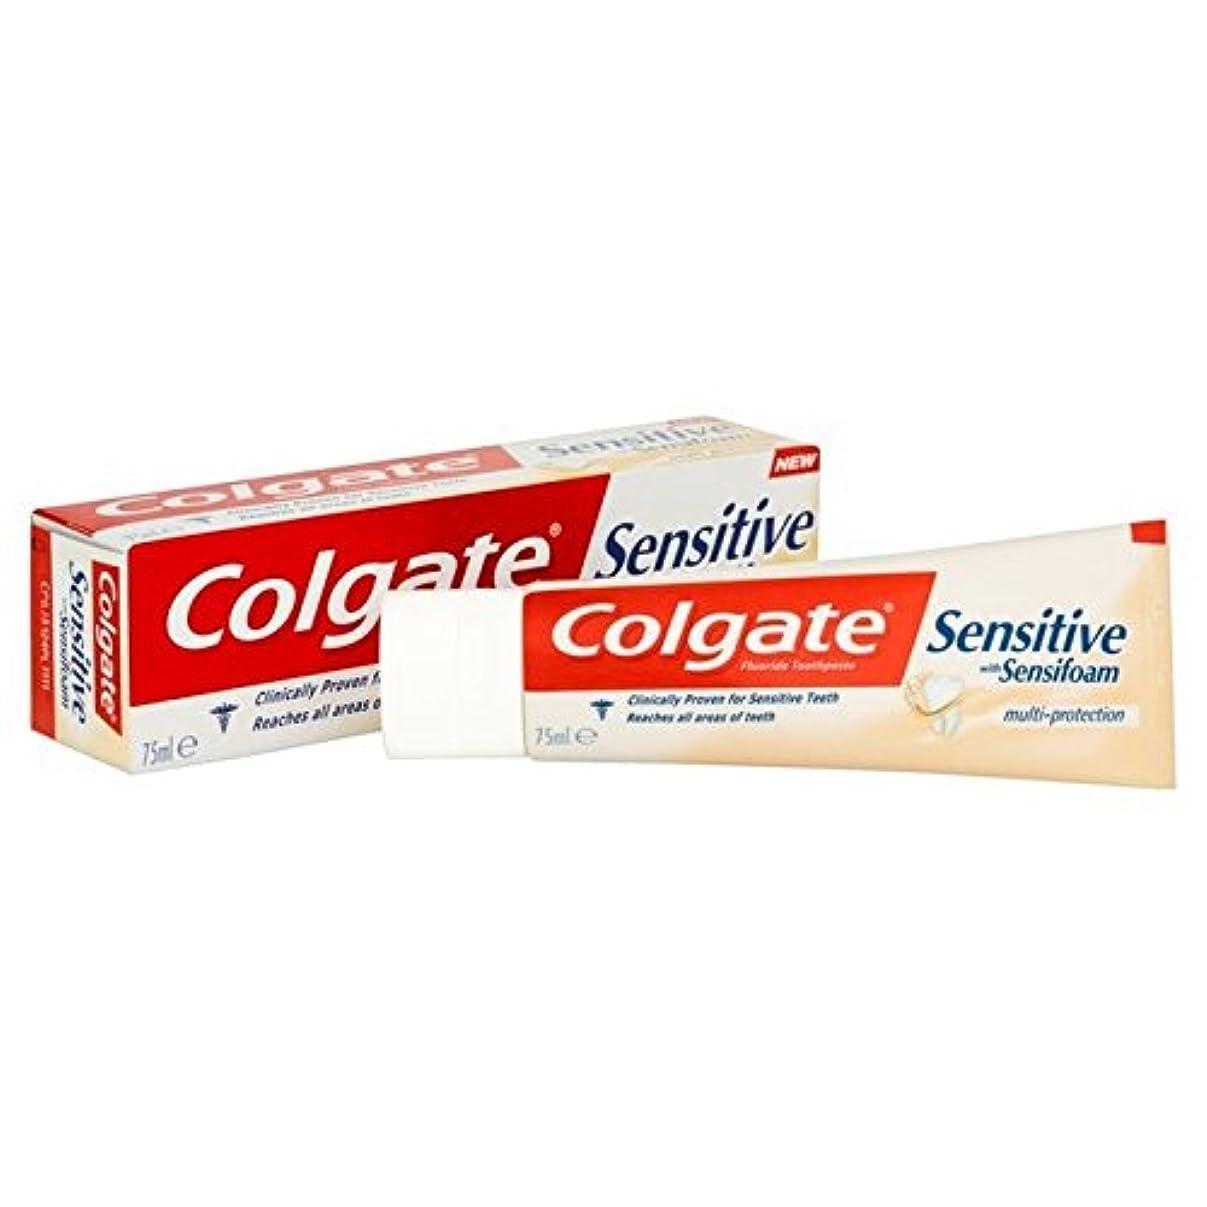 開拓者和解する精緻化コルゲート敏感な泡は、マルチ歯磨き粉75ミリリットルを保護します x2 - Colgate Sensitive Foam Multi Protect Toothpaste 75ml (Pack of 2) [並行輸入品]